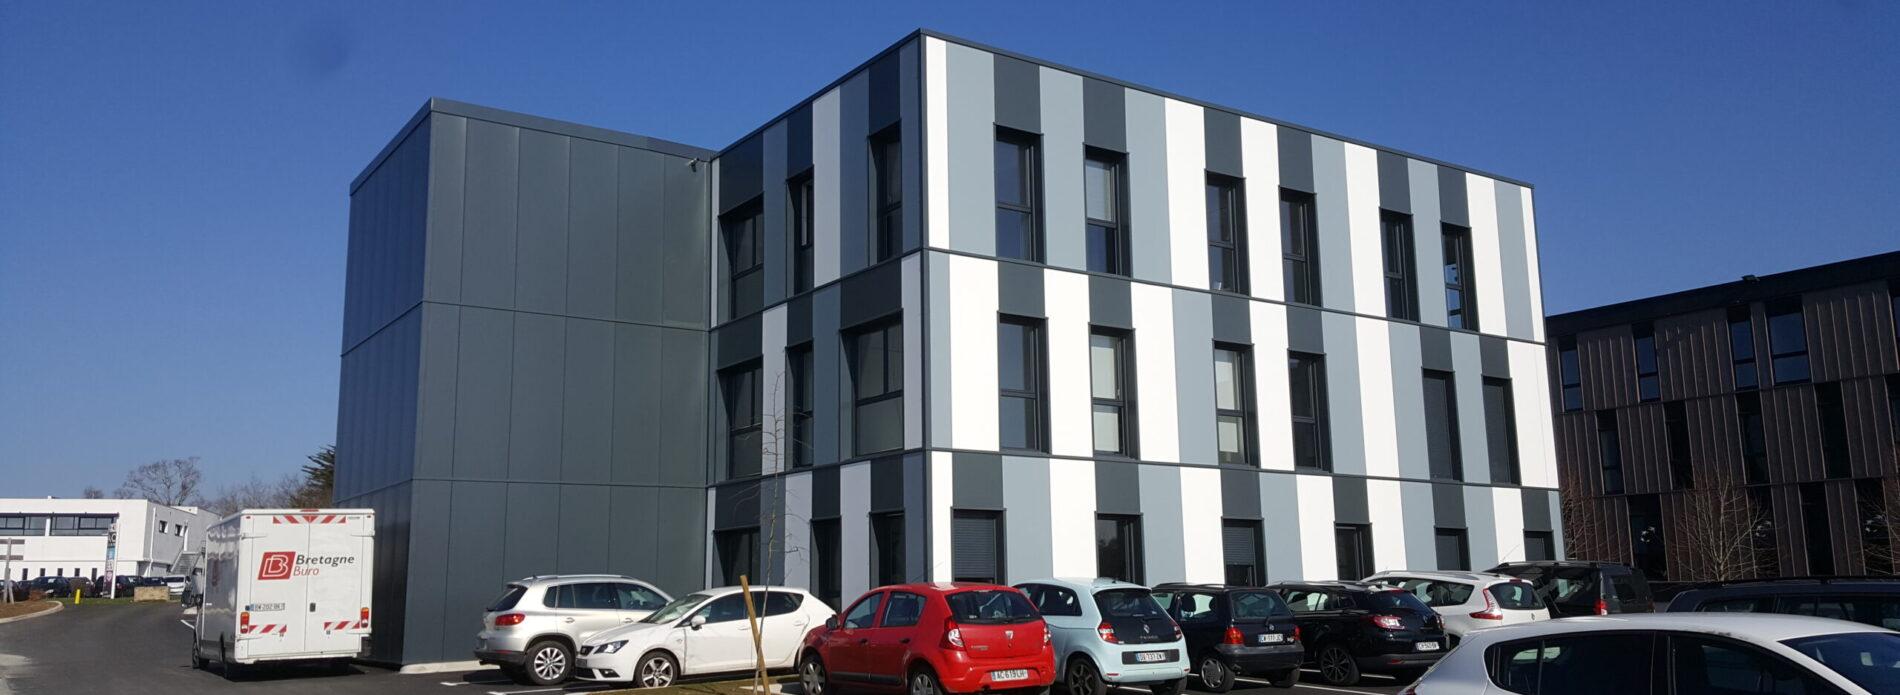 Le Conti - immobilier tertiaire à Vannes